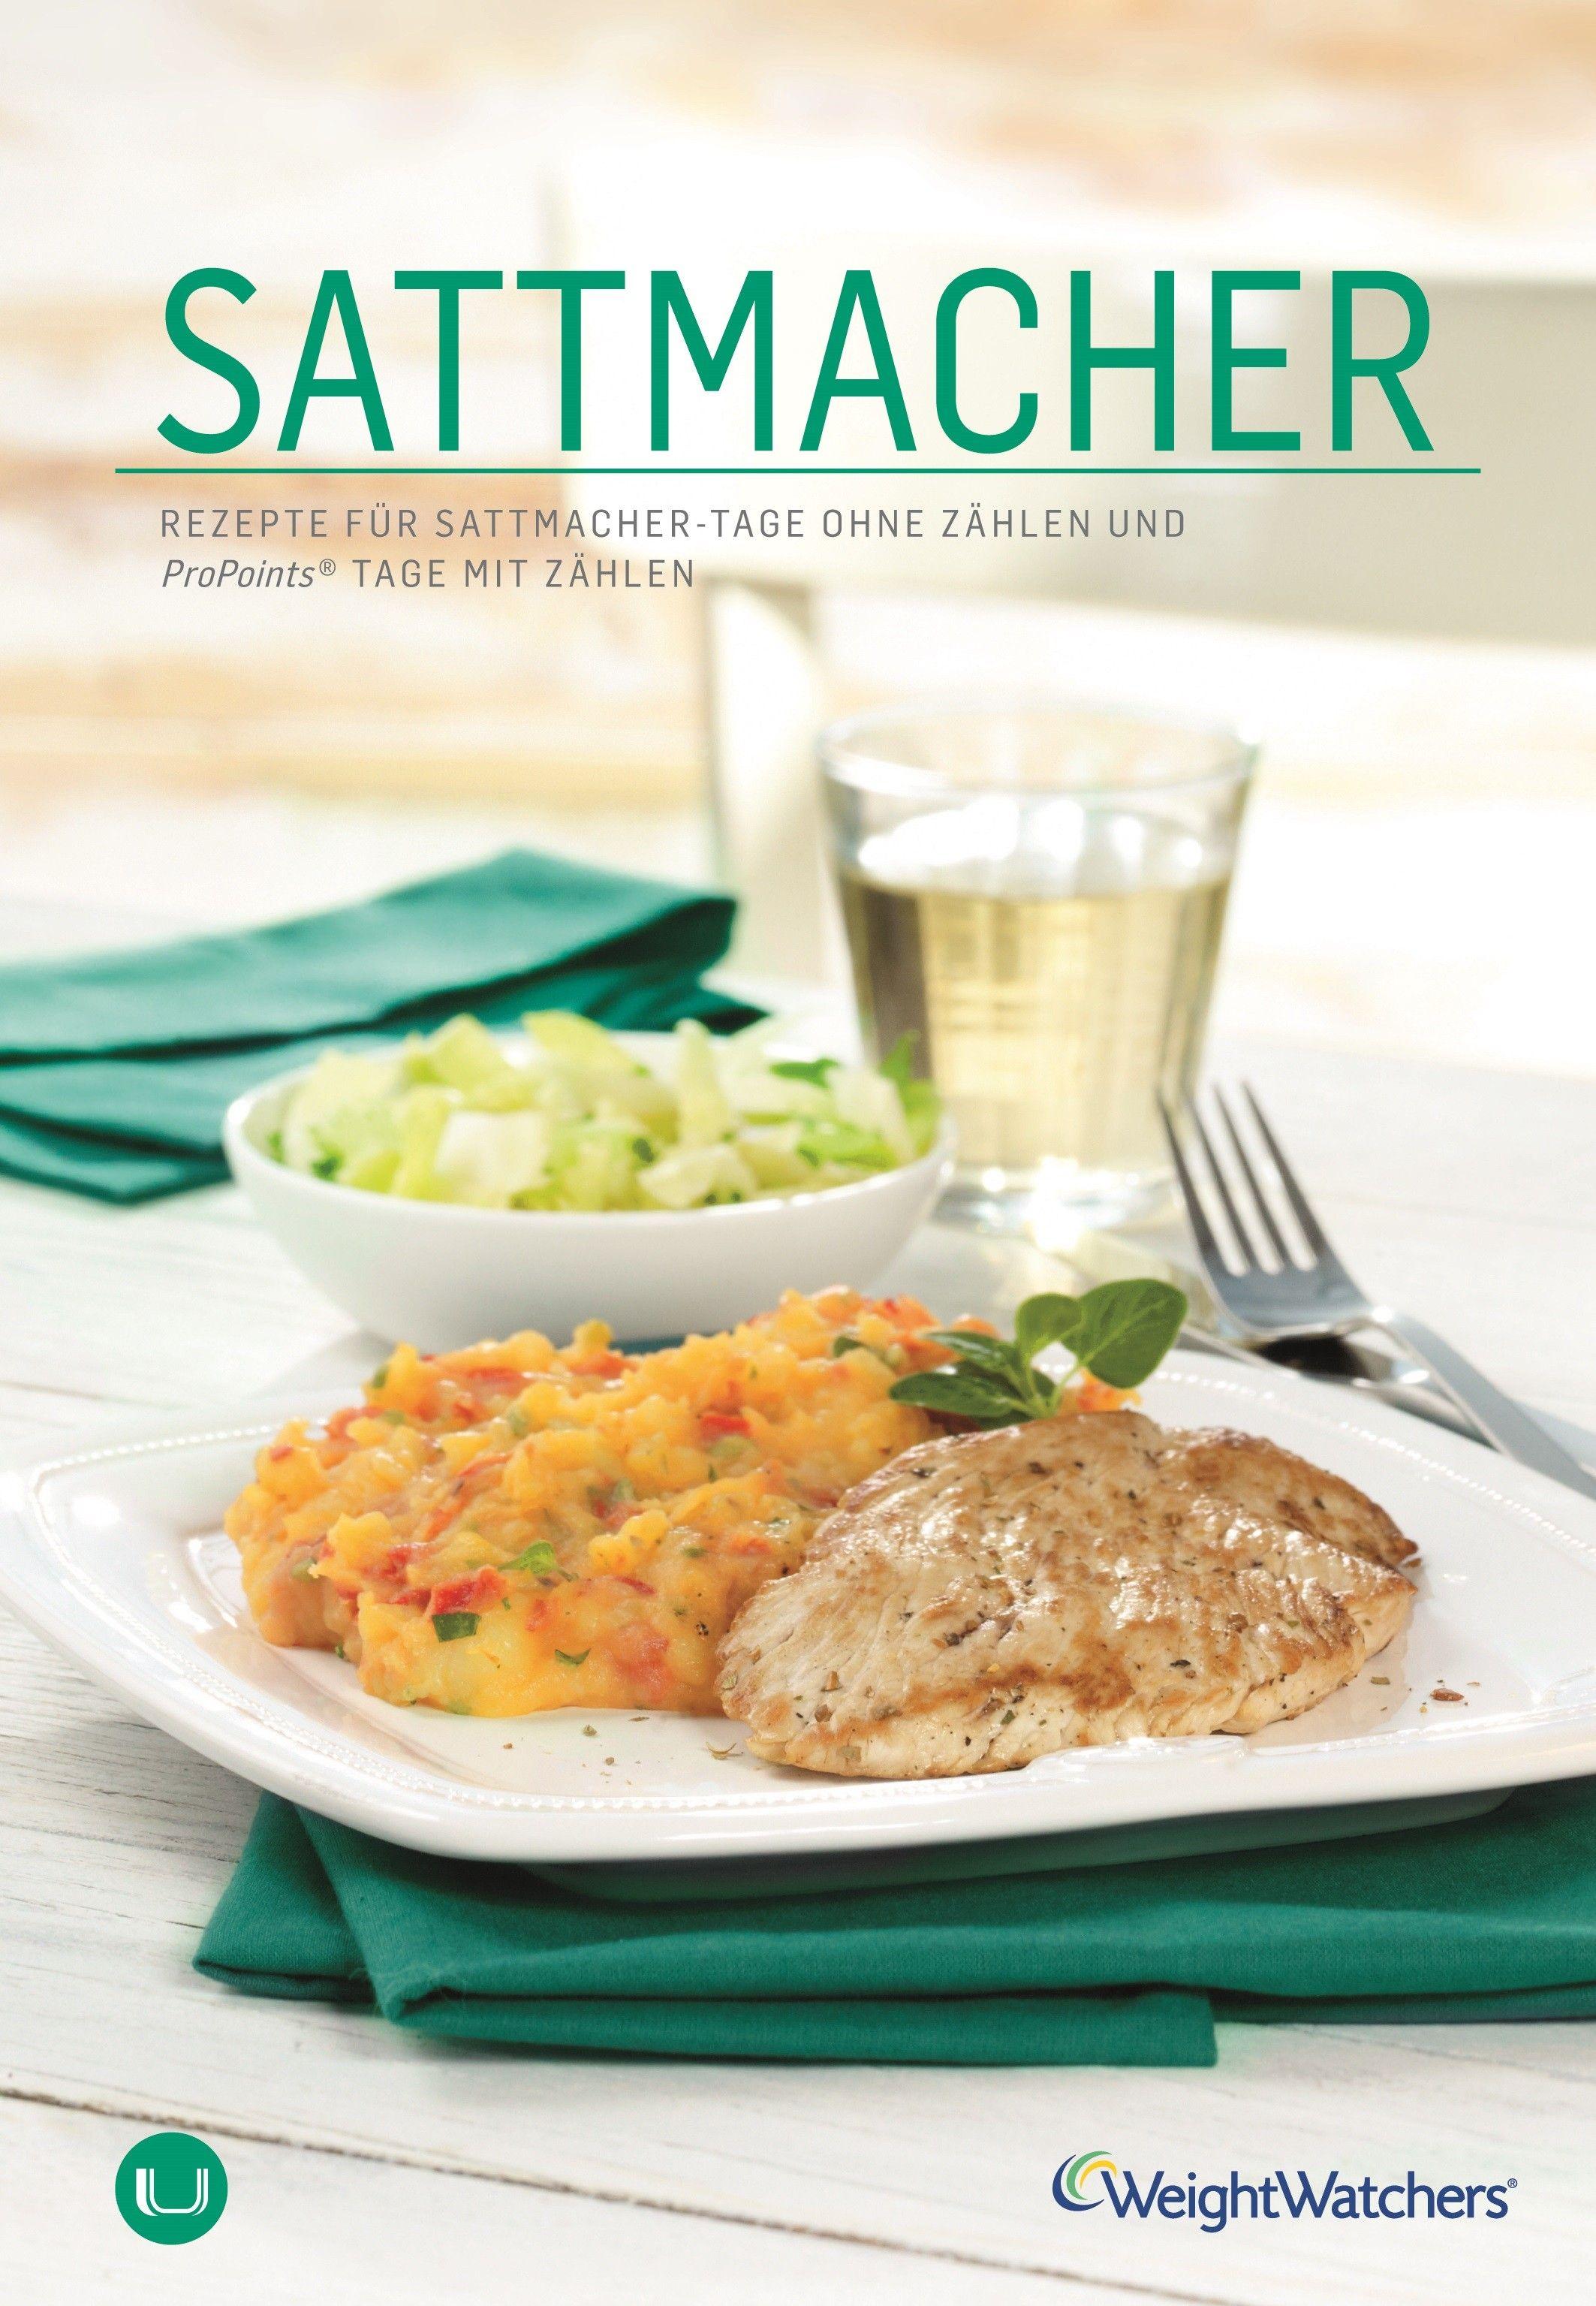 Weight Watchers - Kochbücher 'Meine Genuss-Vielfalt'